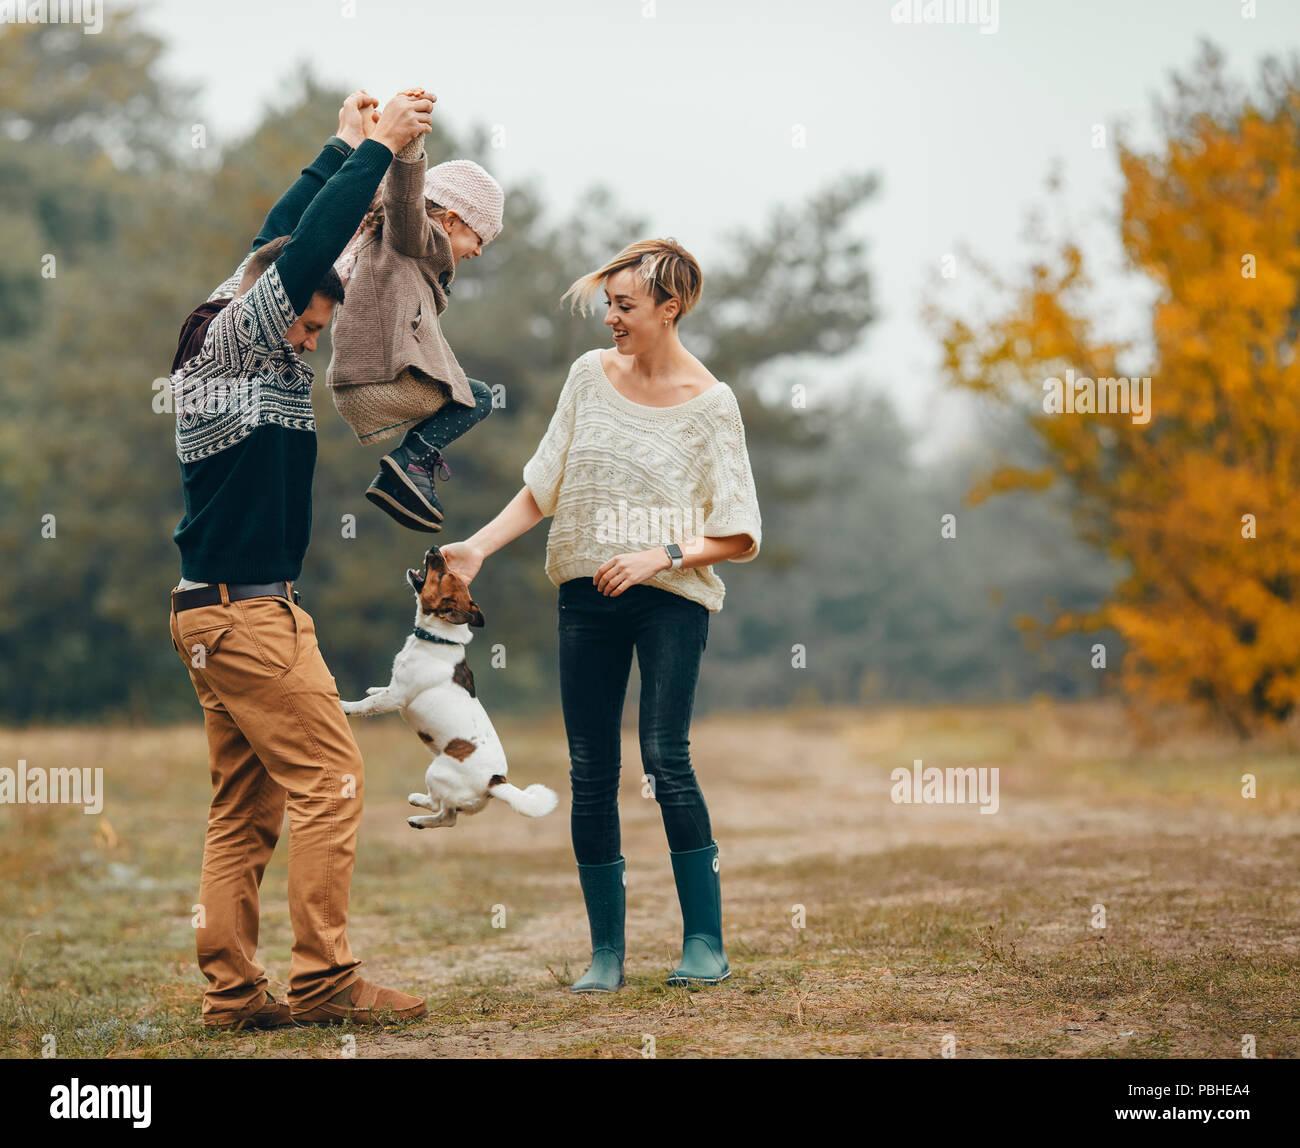 Heureux parents s'amuser et élèvent leur fille au chemin forestier en regard de chien sautant au cours de marche en forêt d'automne. Banque D'Images